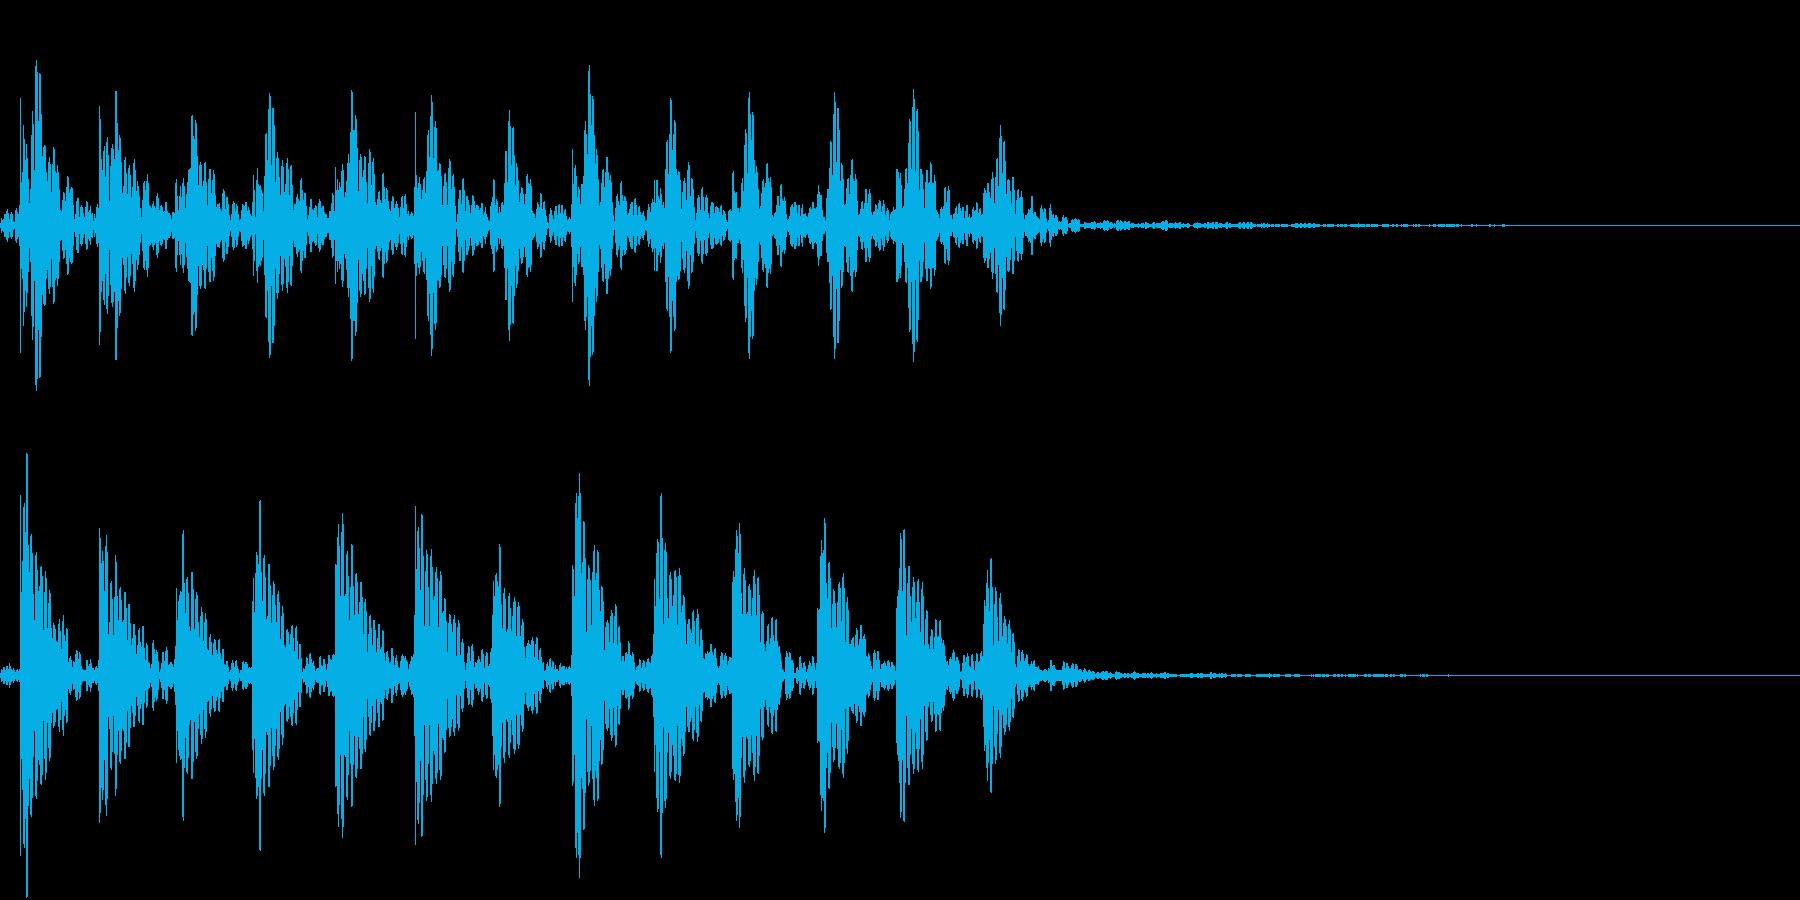 ドアを激しくたたく音(ドンドンドン)の再生済みの波形